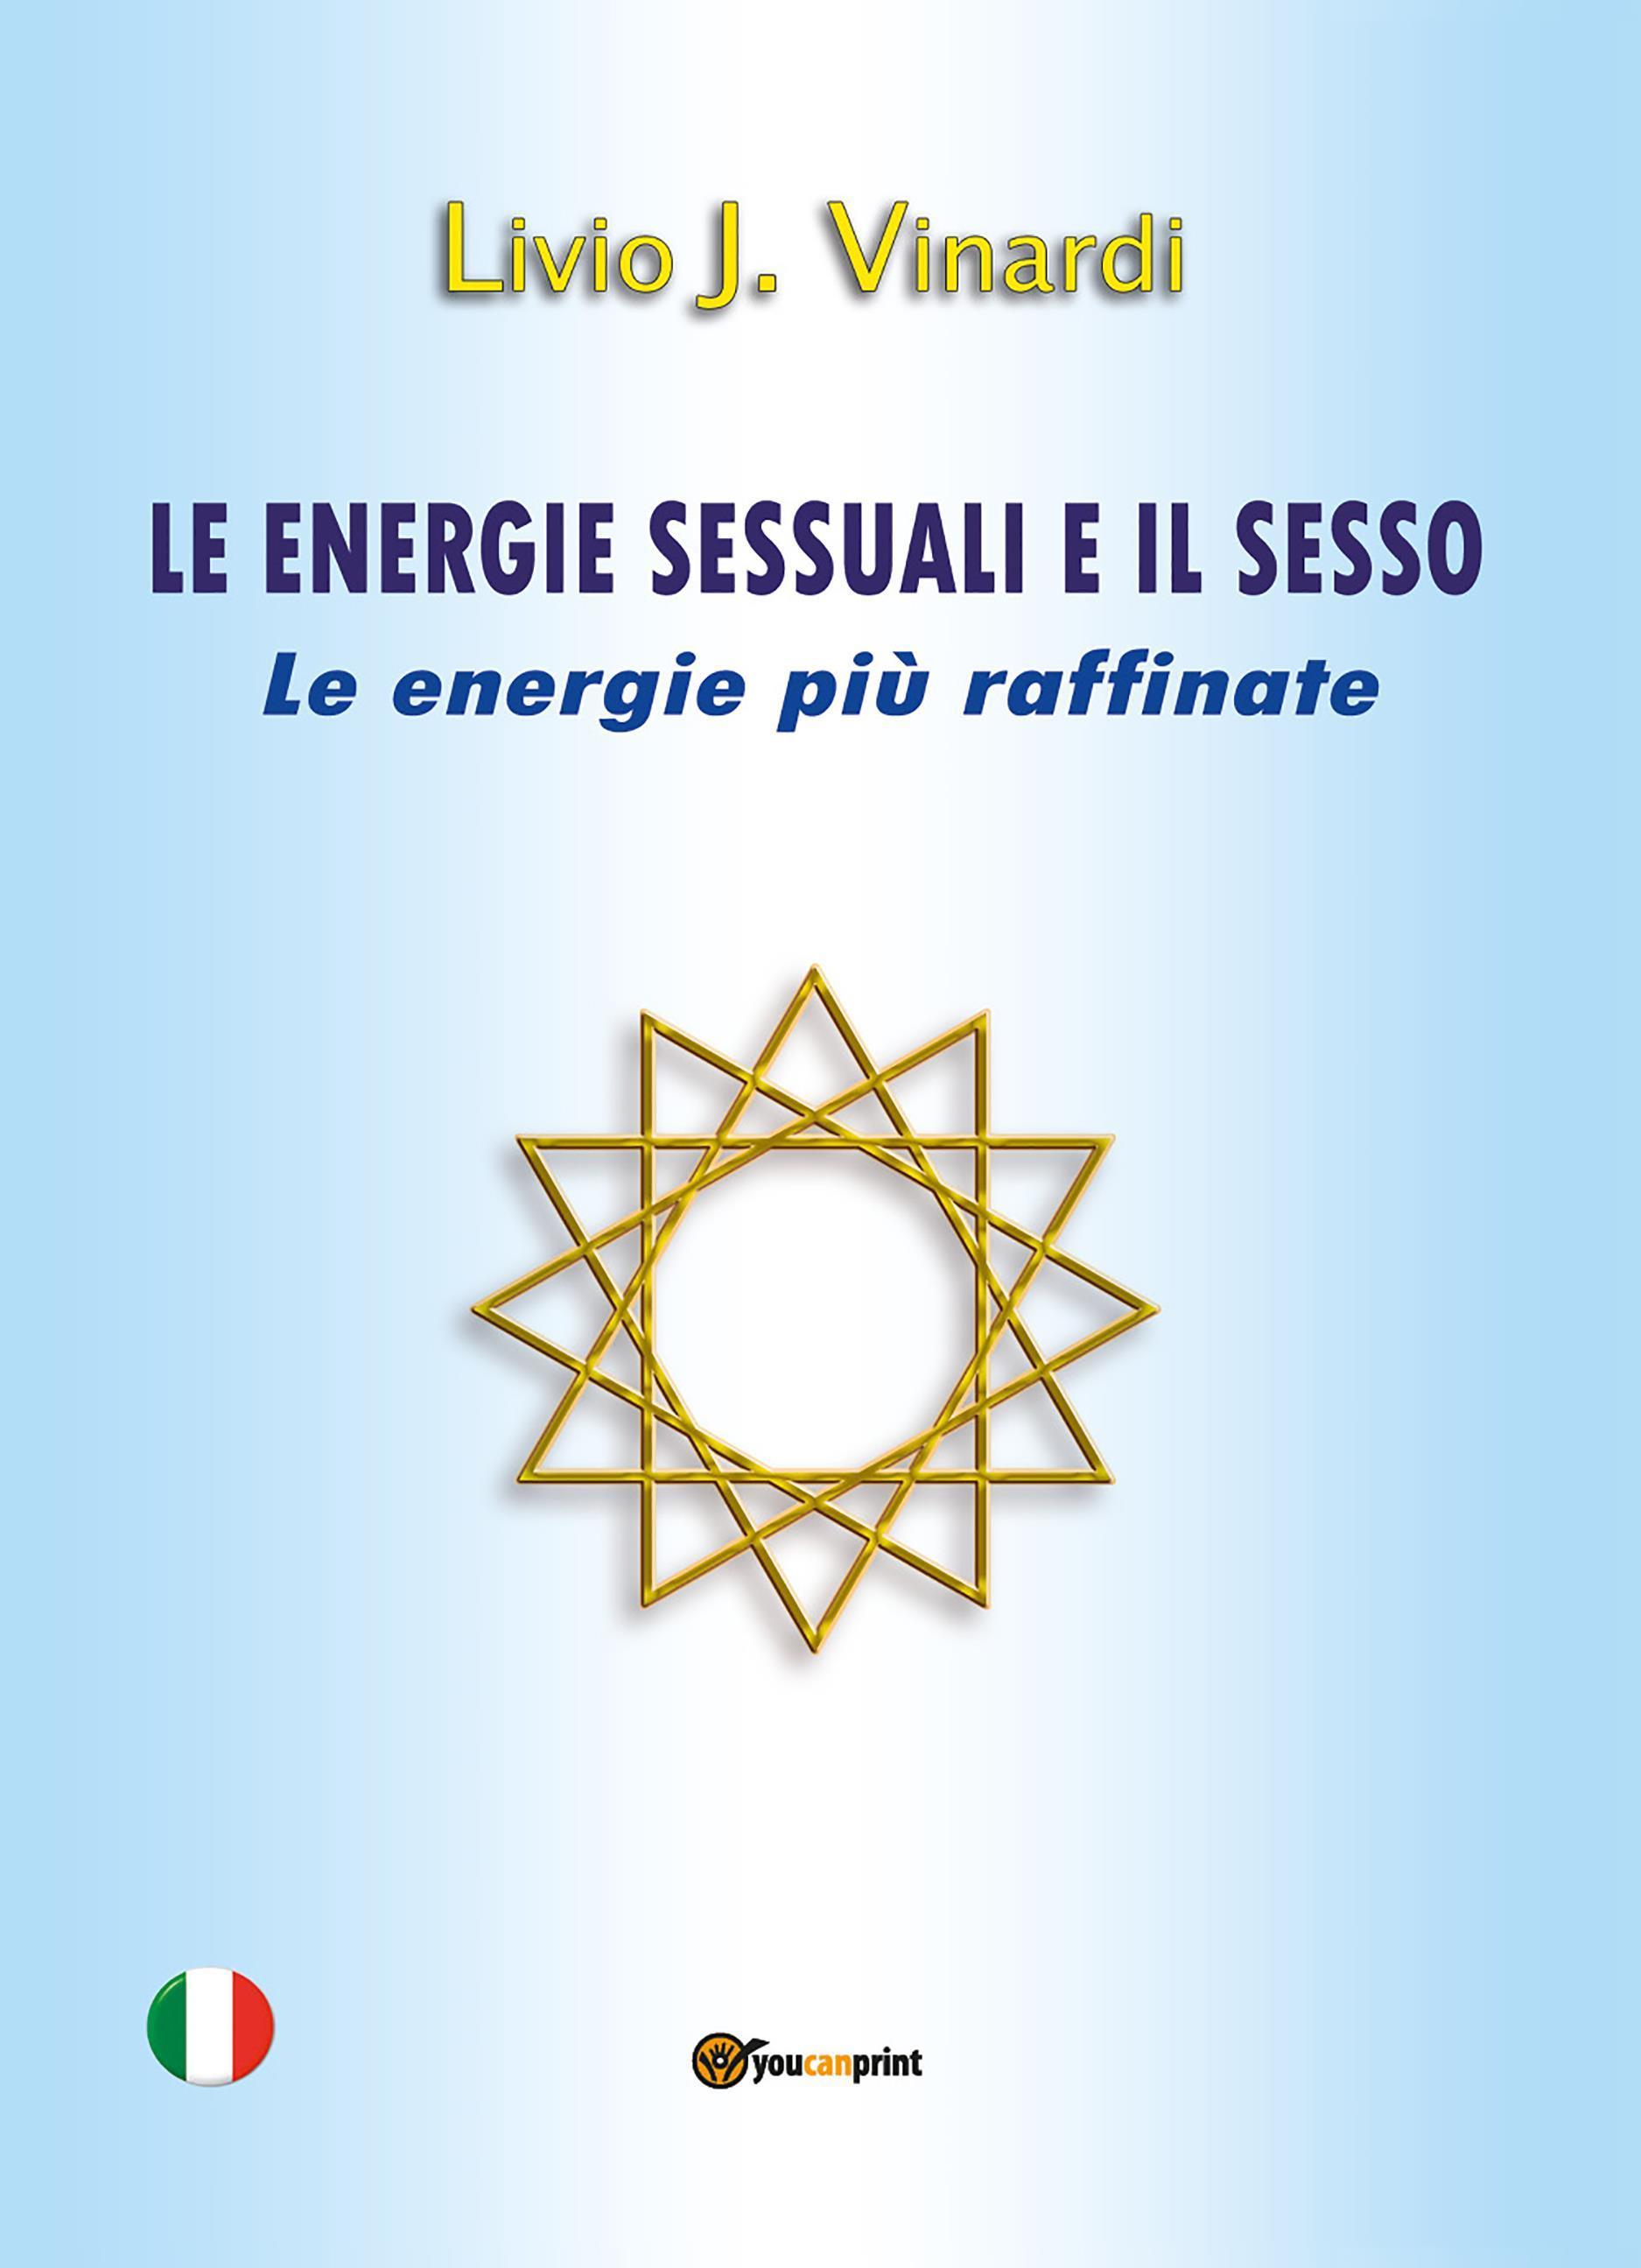 LE ENERGIE SESSUALI E IL SESSO – Le energie più raffinate